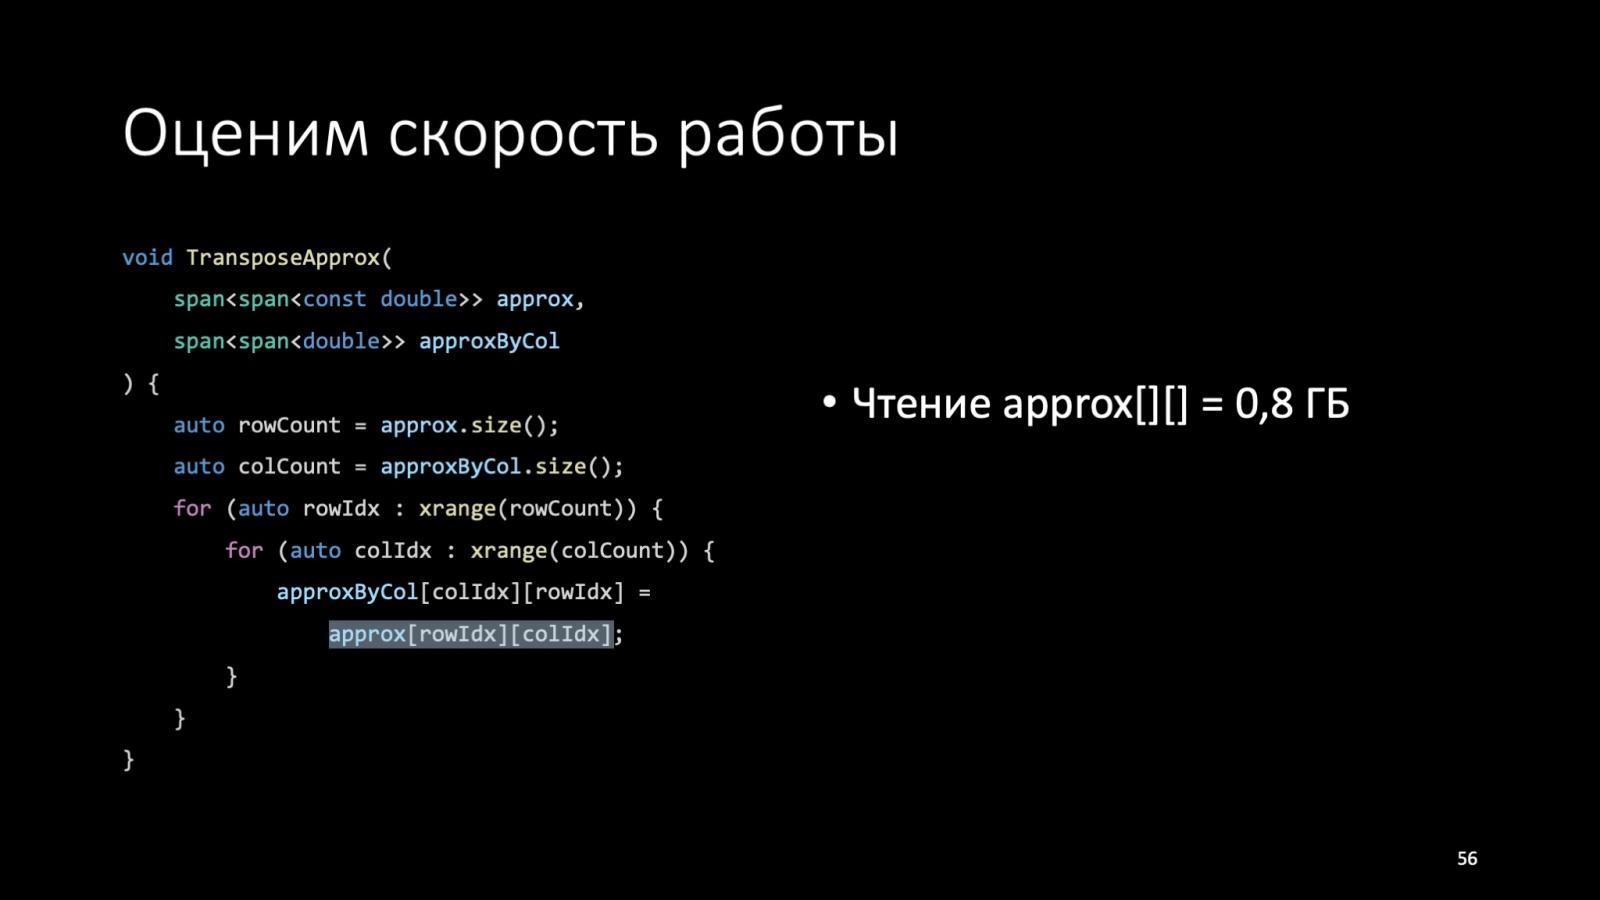 Оптимизация C++: совмещаем скорость и высокий уровень. Доклад Яндекса - 28